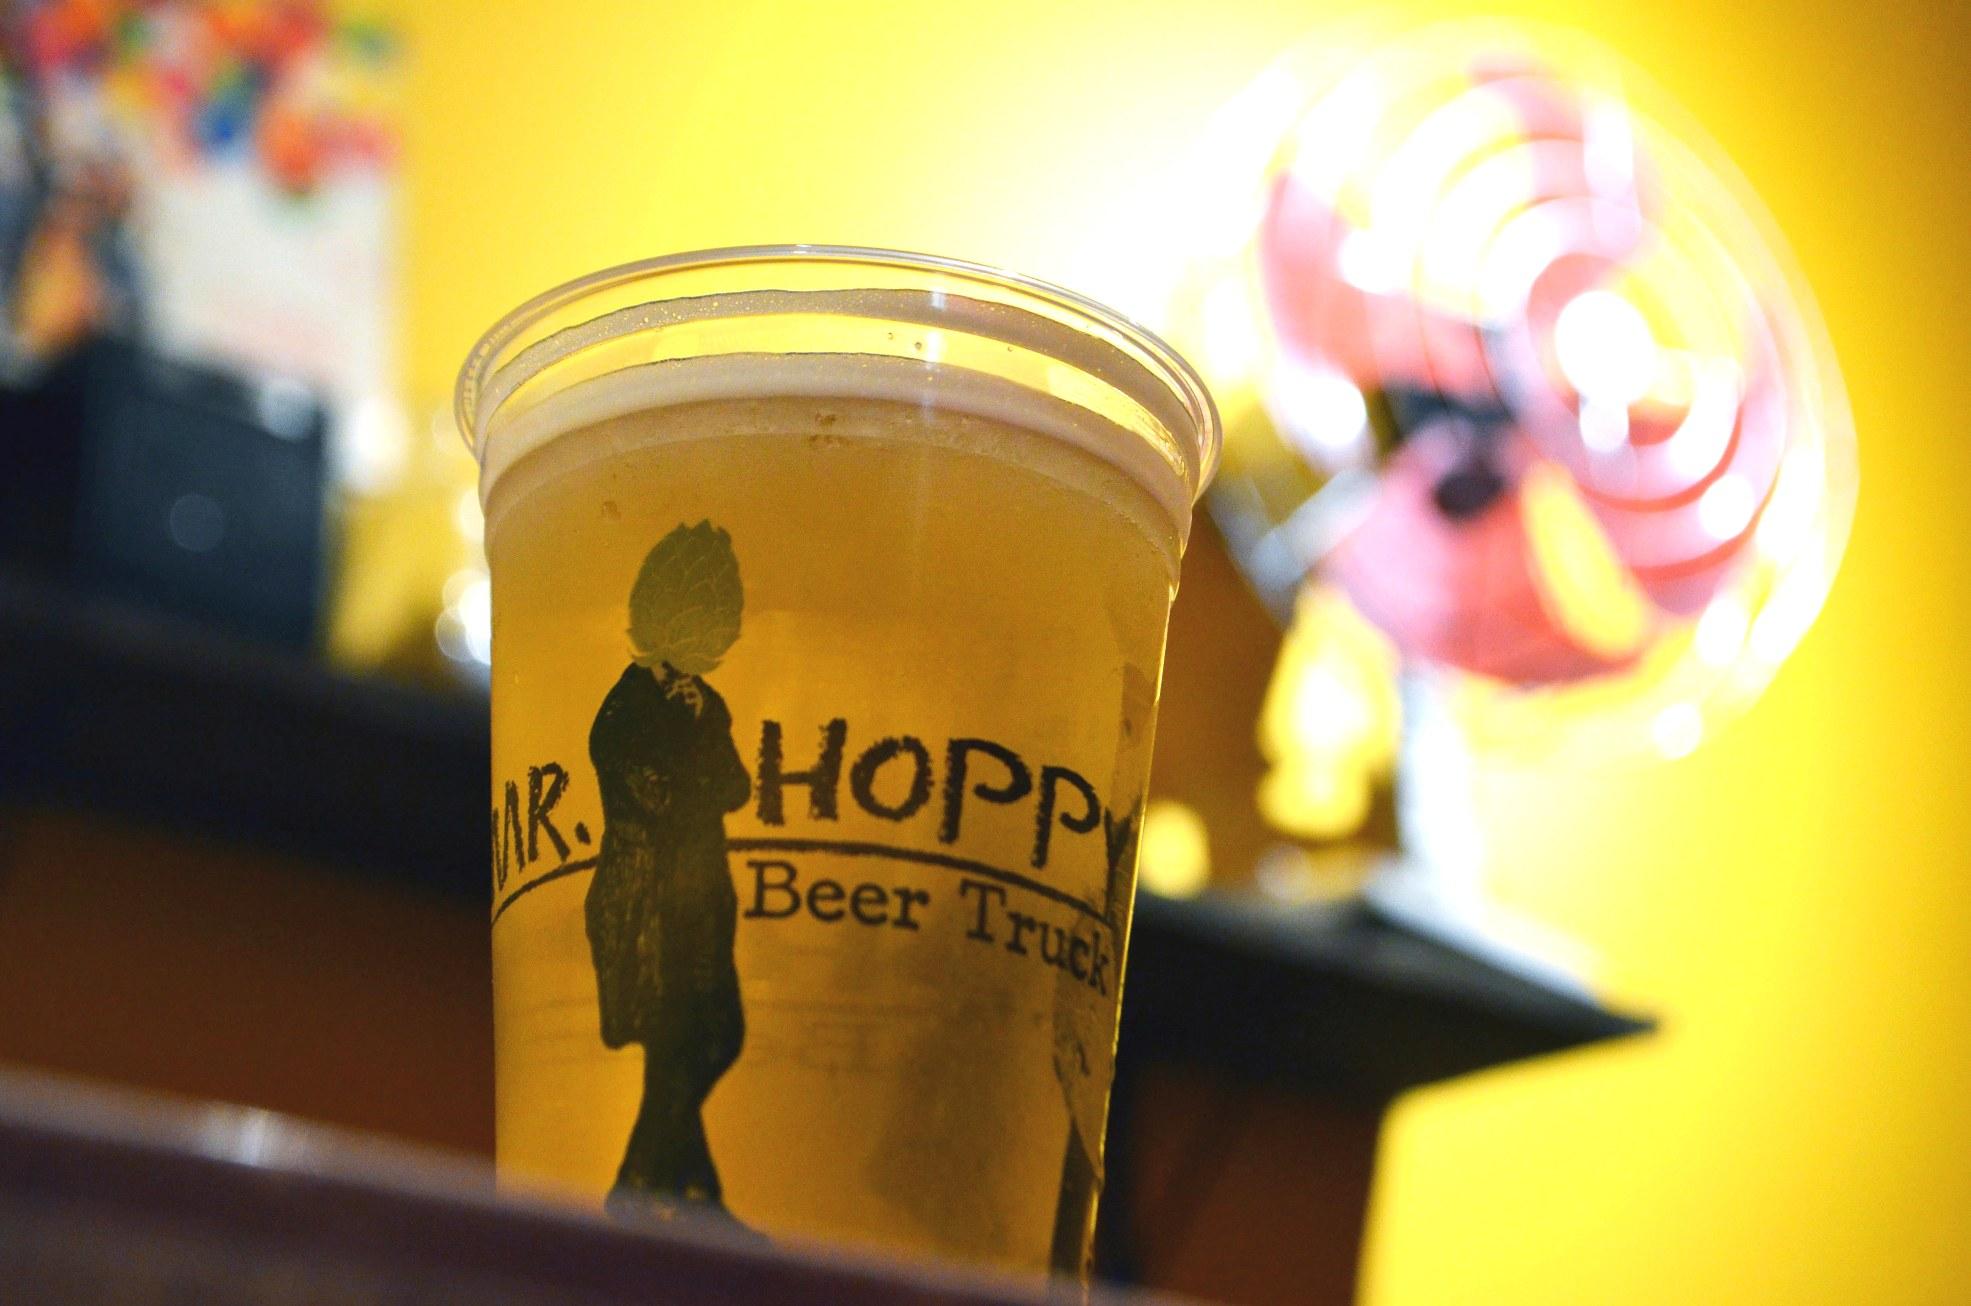 Mr. Hoppy Day